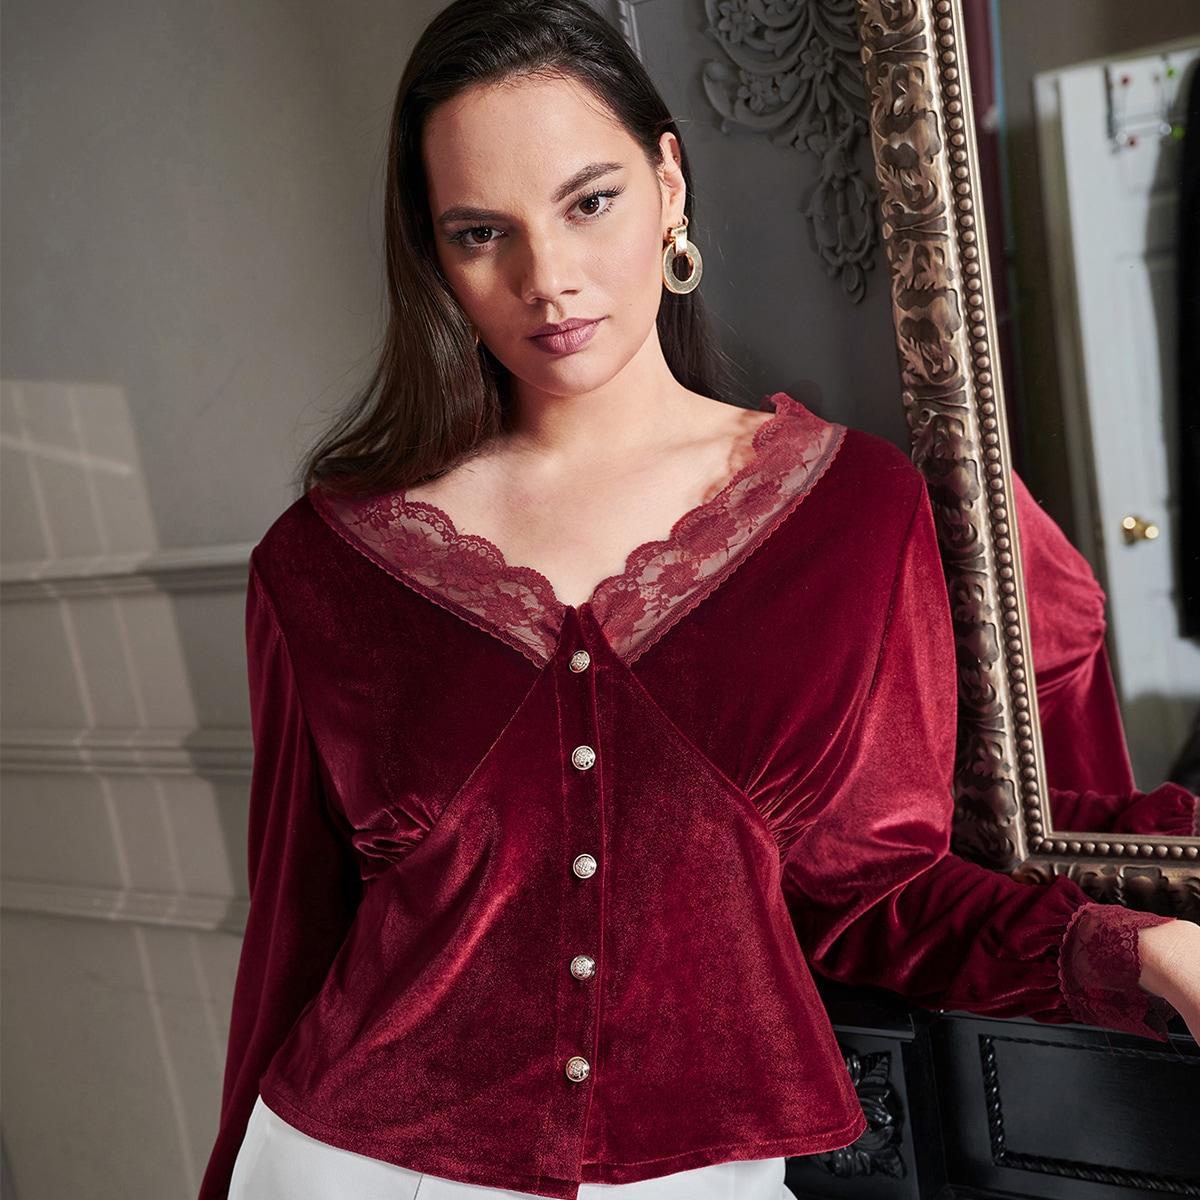 Бархатная блузка размера плюс с кружевной вставкой